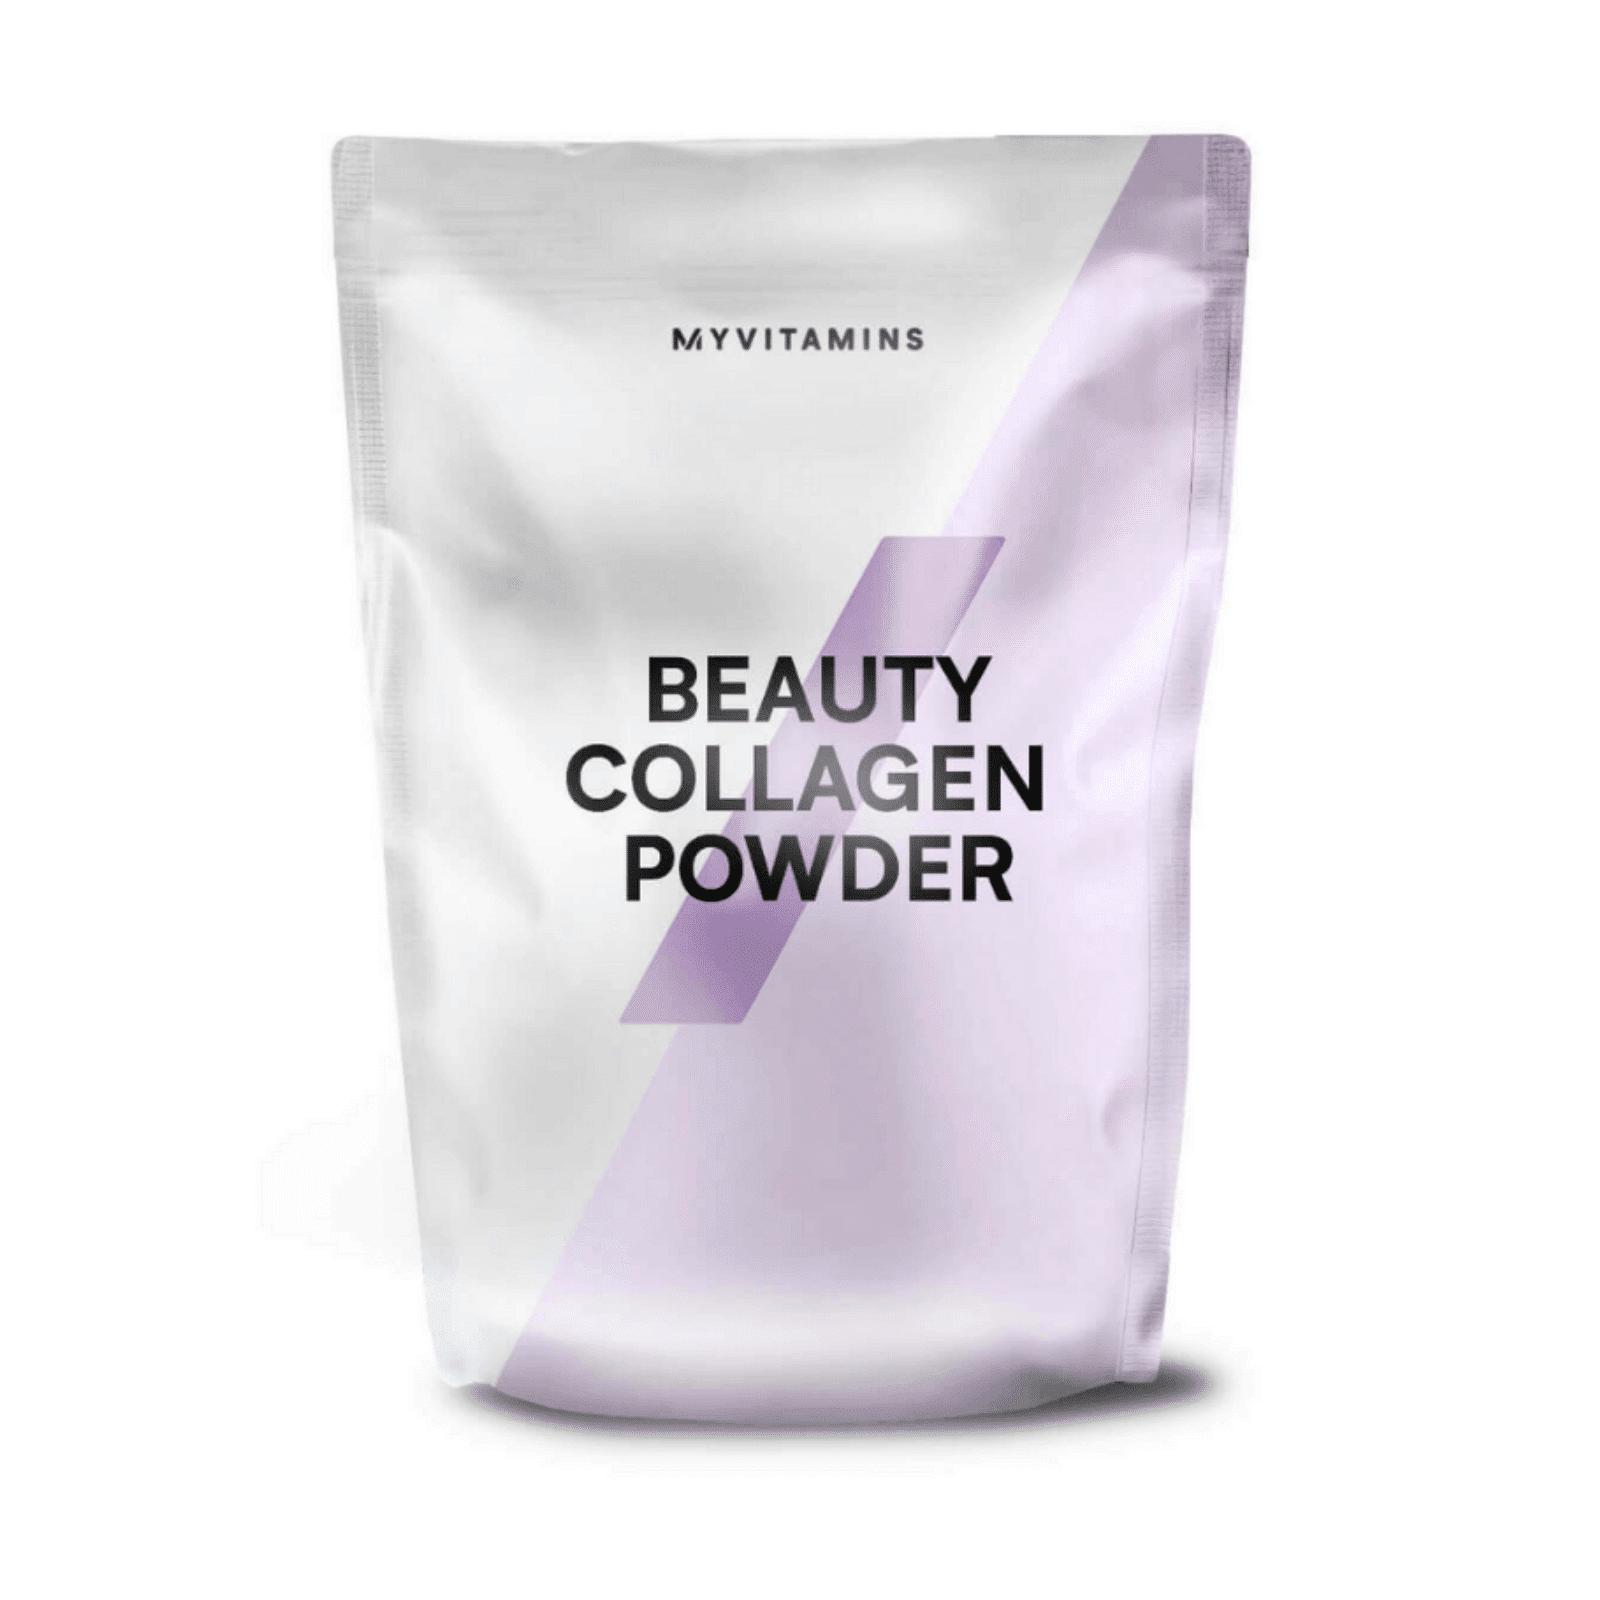 Myvitamins Beauty Collagen Powder - 360g - Strawberry